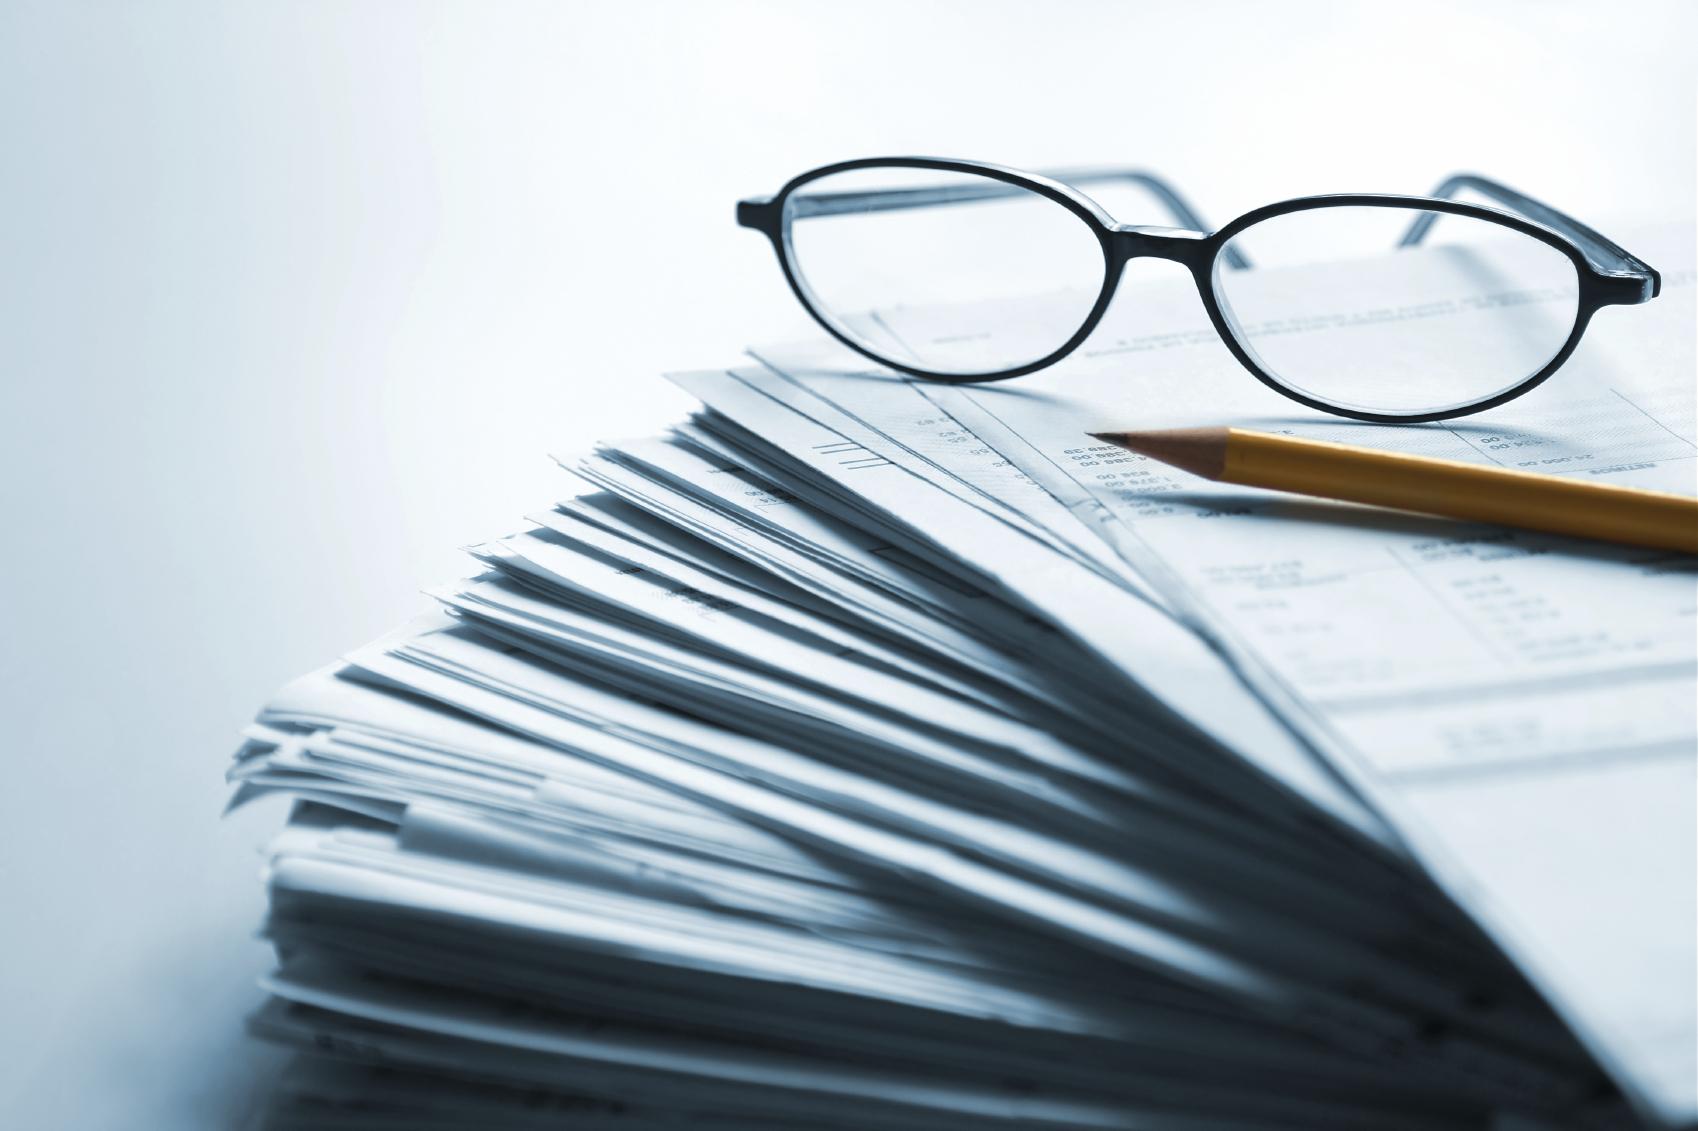 Порядка 60 сводов правил будет разработано и актуализировано в 2018 году